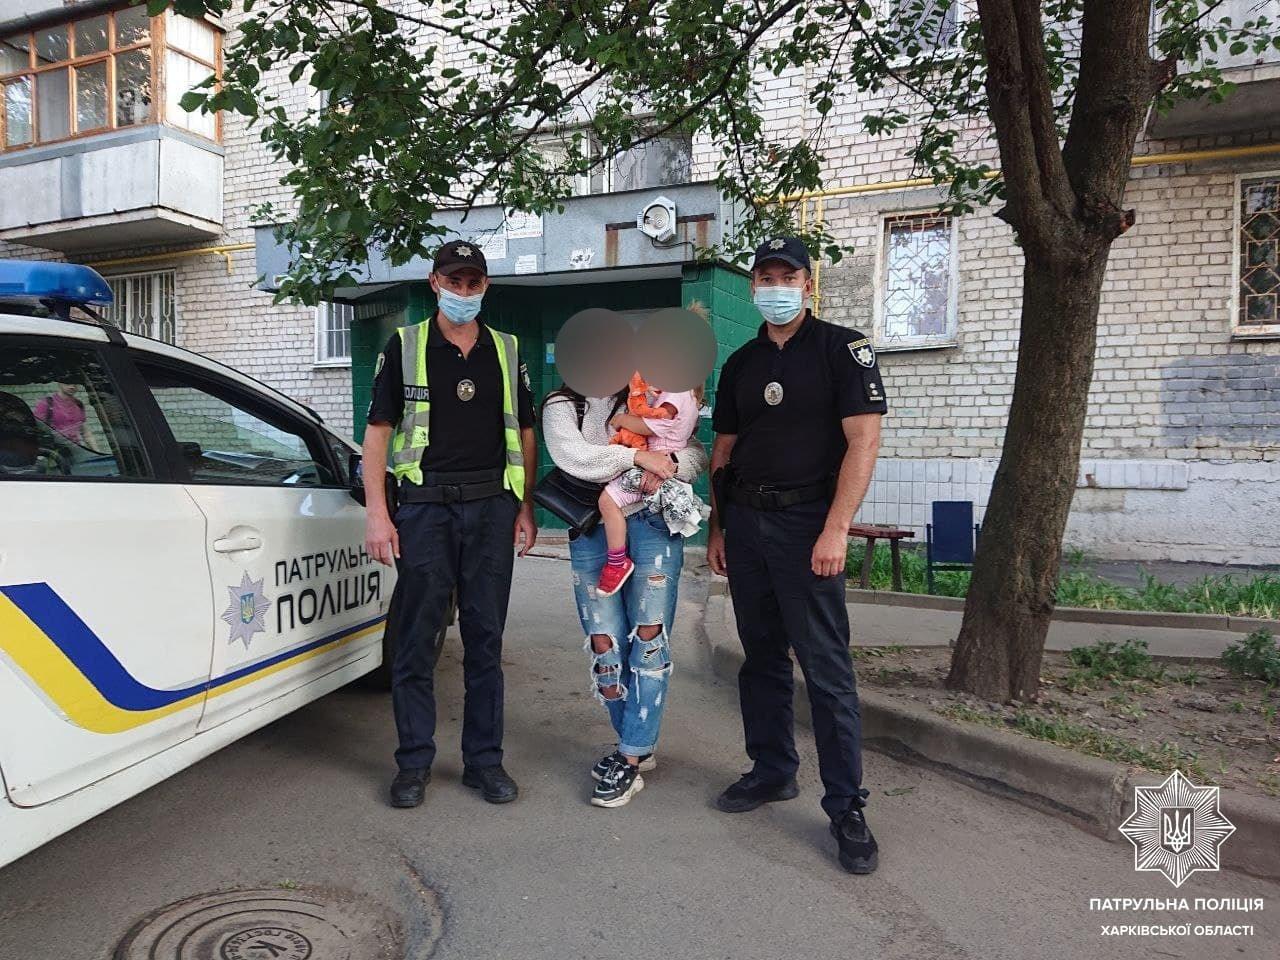 «Во время прогулки упустила из виду ребенка»: в Харькове мать потеряла свою 2-летнюю дочь, - ФОТО, фото-1